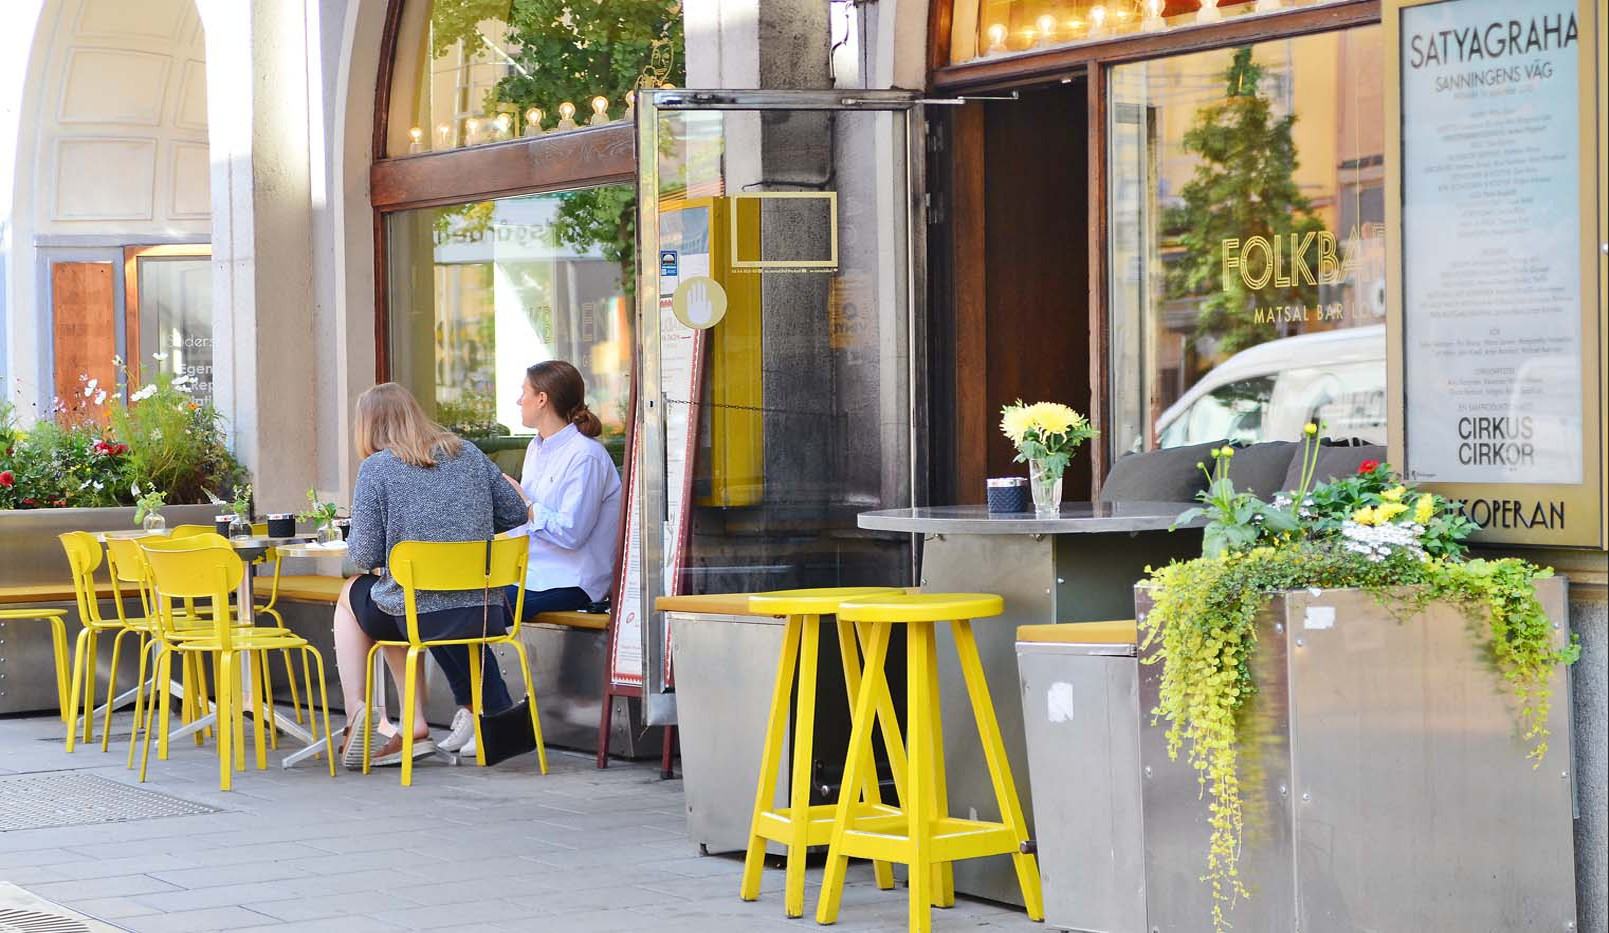 Brännkyrkagatan 34 B, 3 tr - Mysiga restauranger, barer och caféer finns det gott om